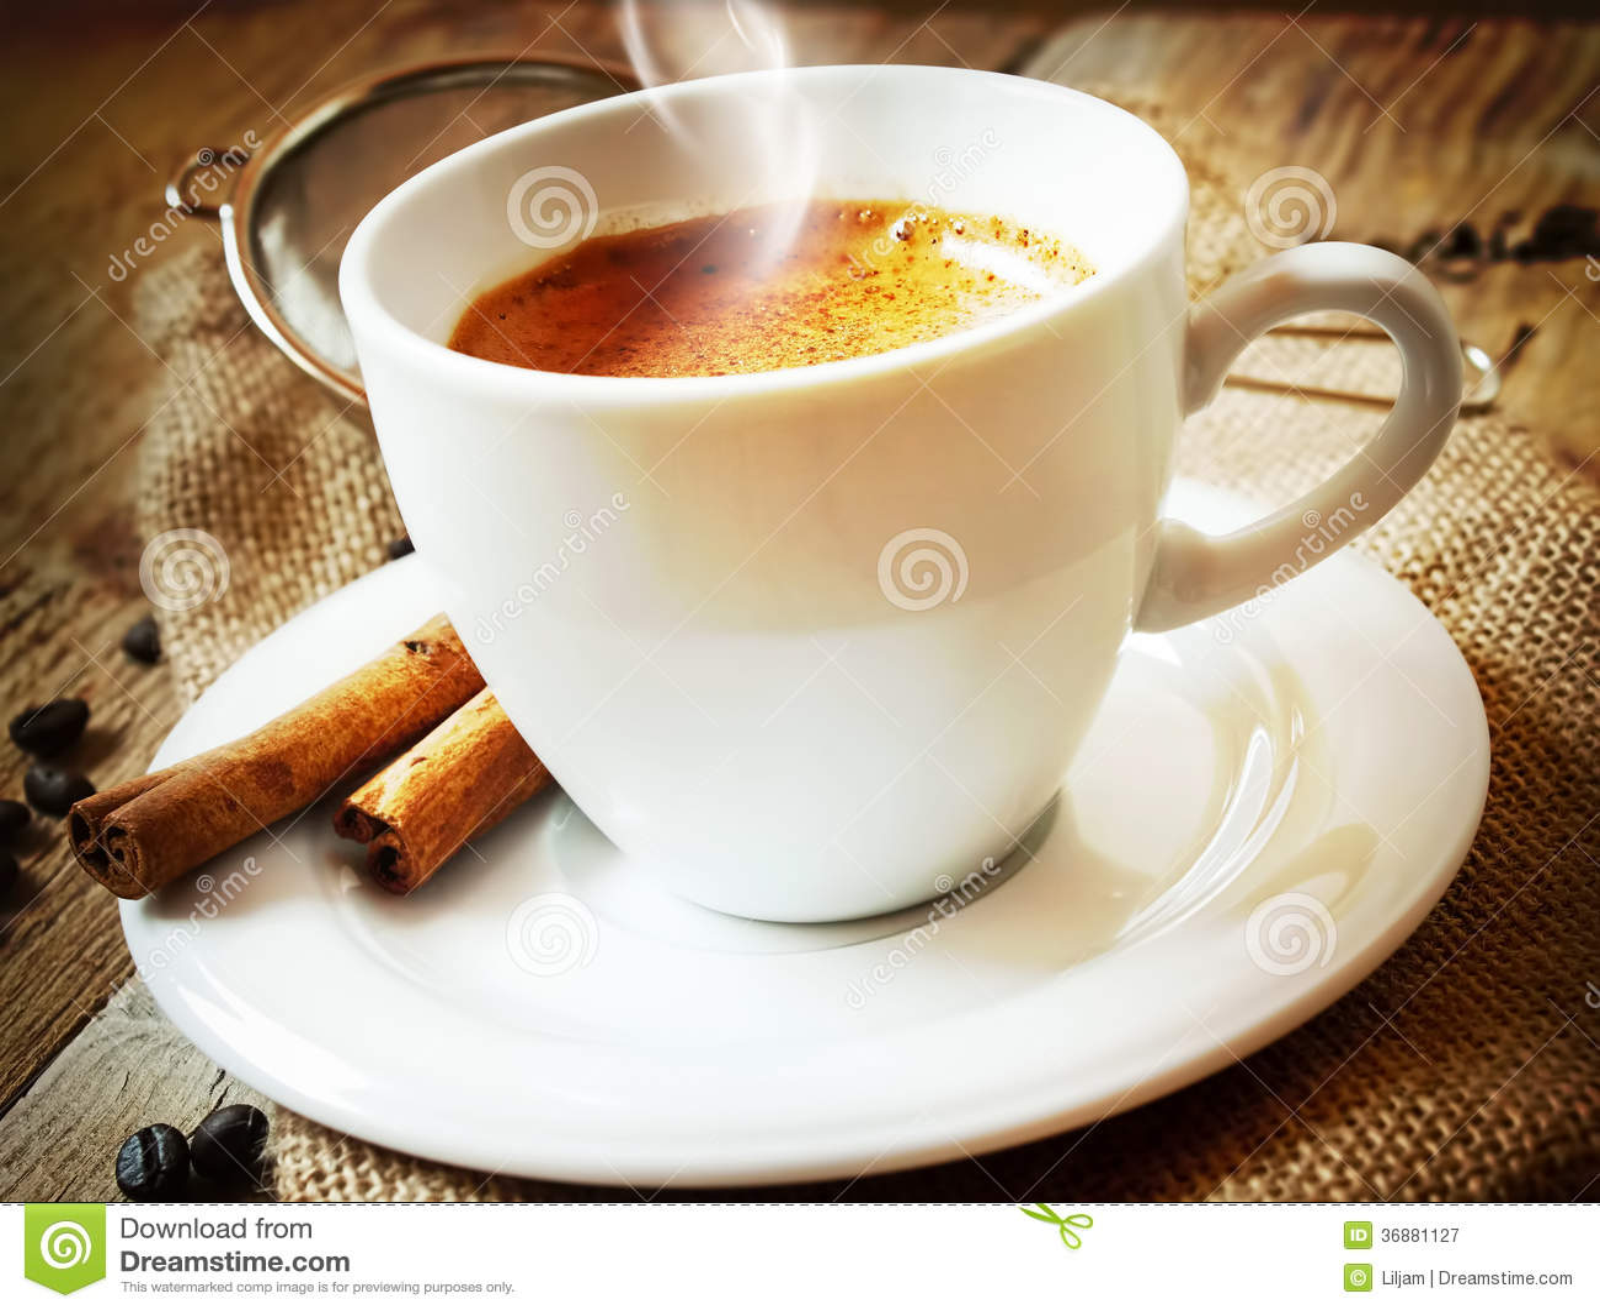 Download Tazza Di Cappucino. Caffè Italiano Immagine Stock - Immagine di background, beige: 36881127